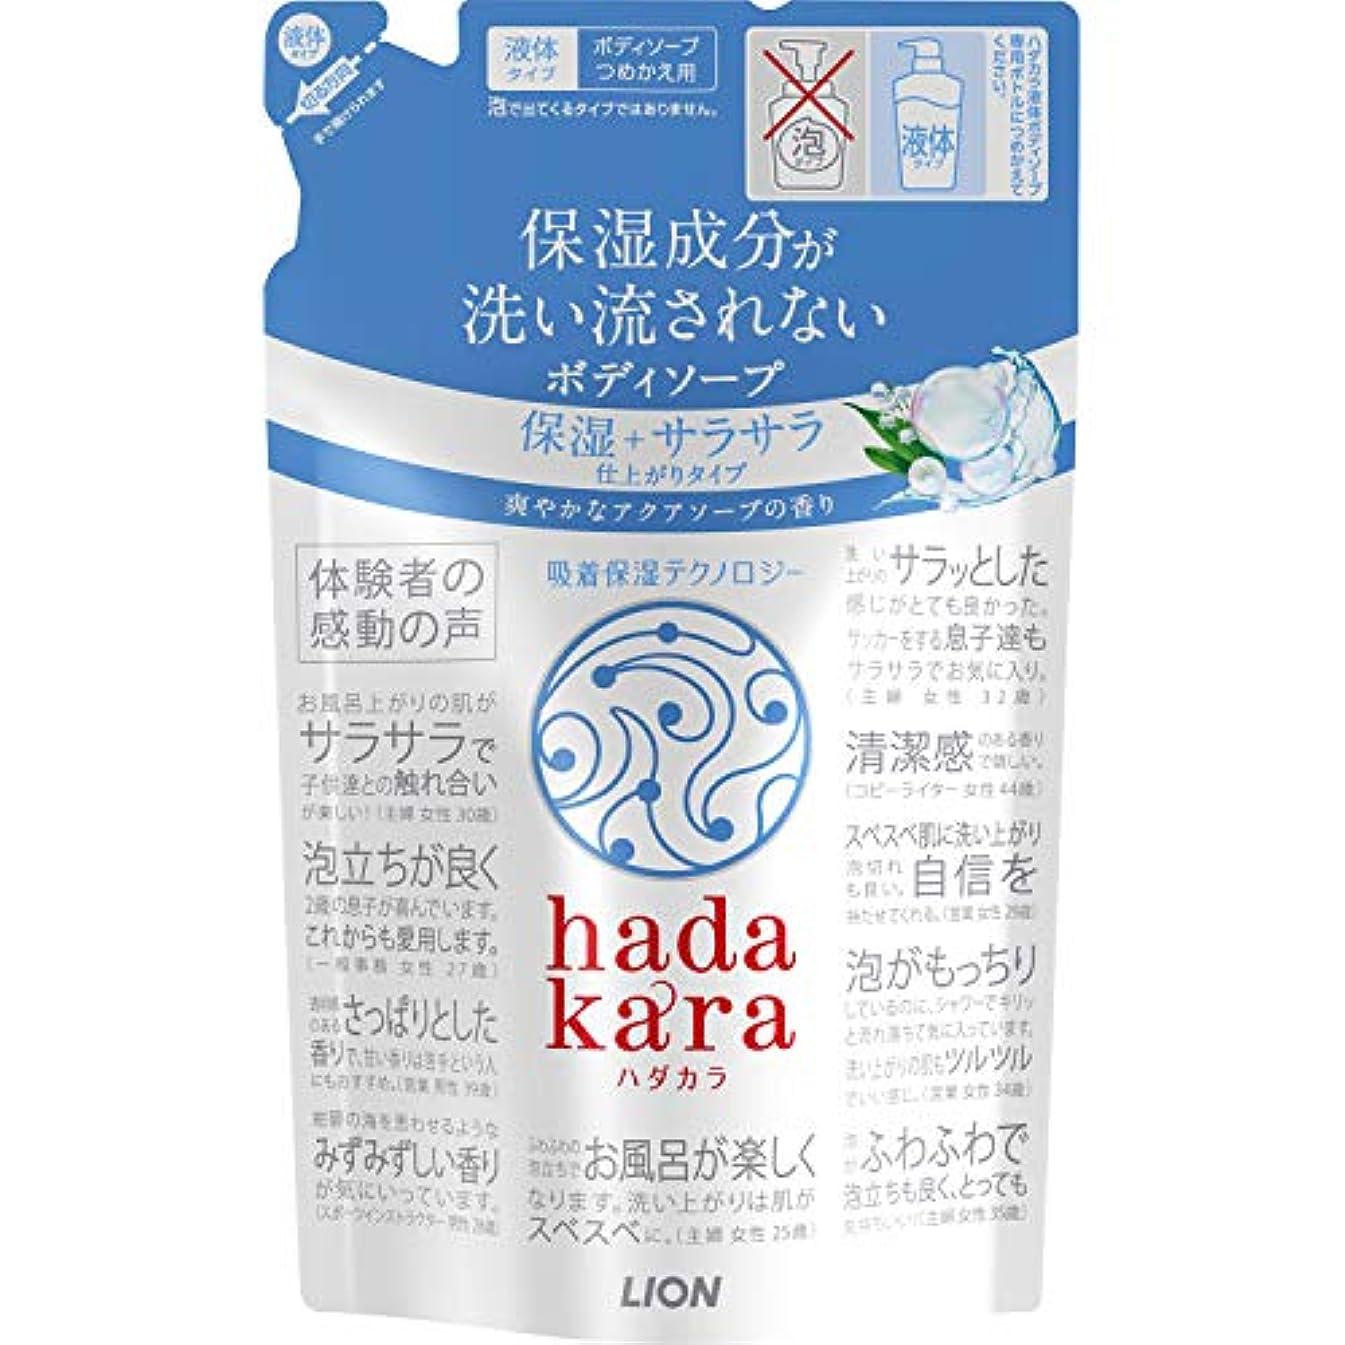 代替哲学ドナウ川hadakara(ハダカラ) ボディソープ 保湿+サラサラ仕上がりタイプ アクアソープの香り 詰め替え 340ml